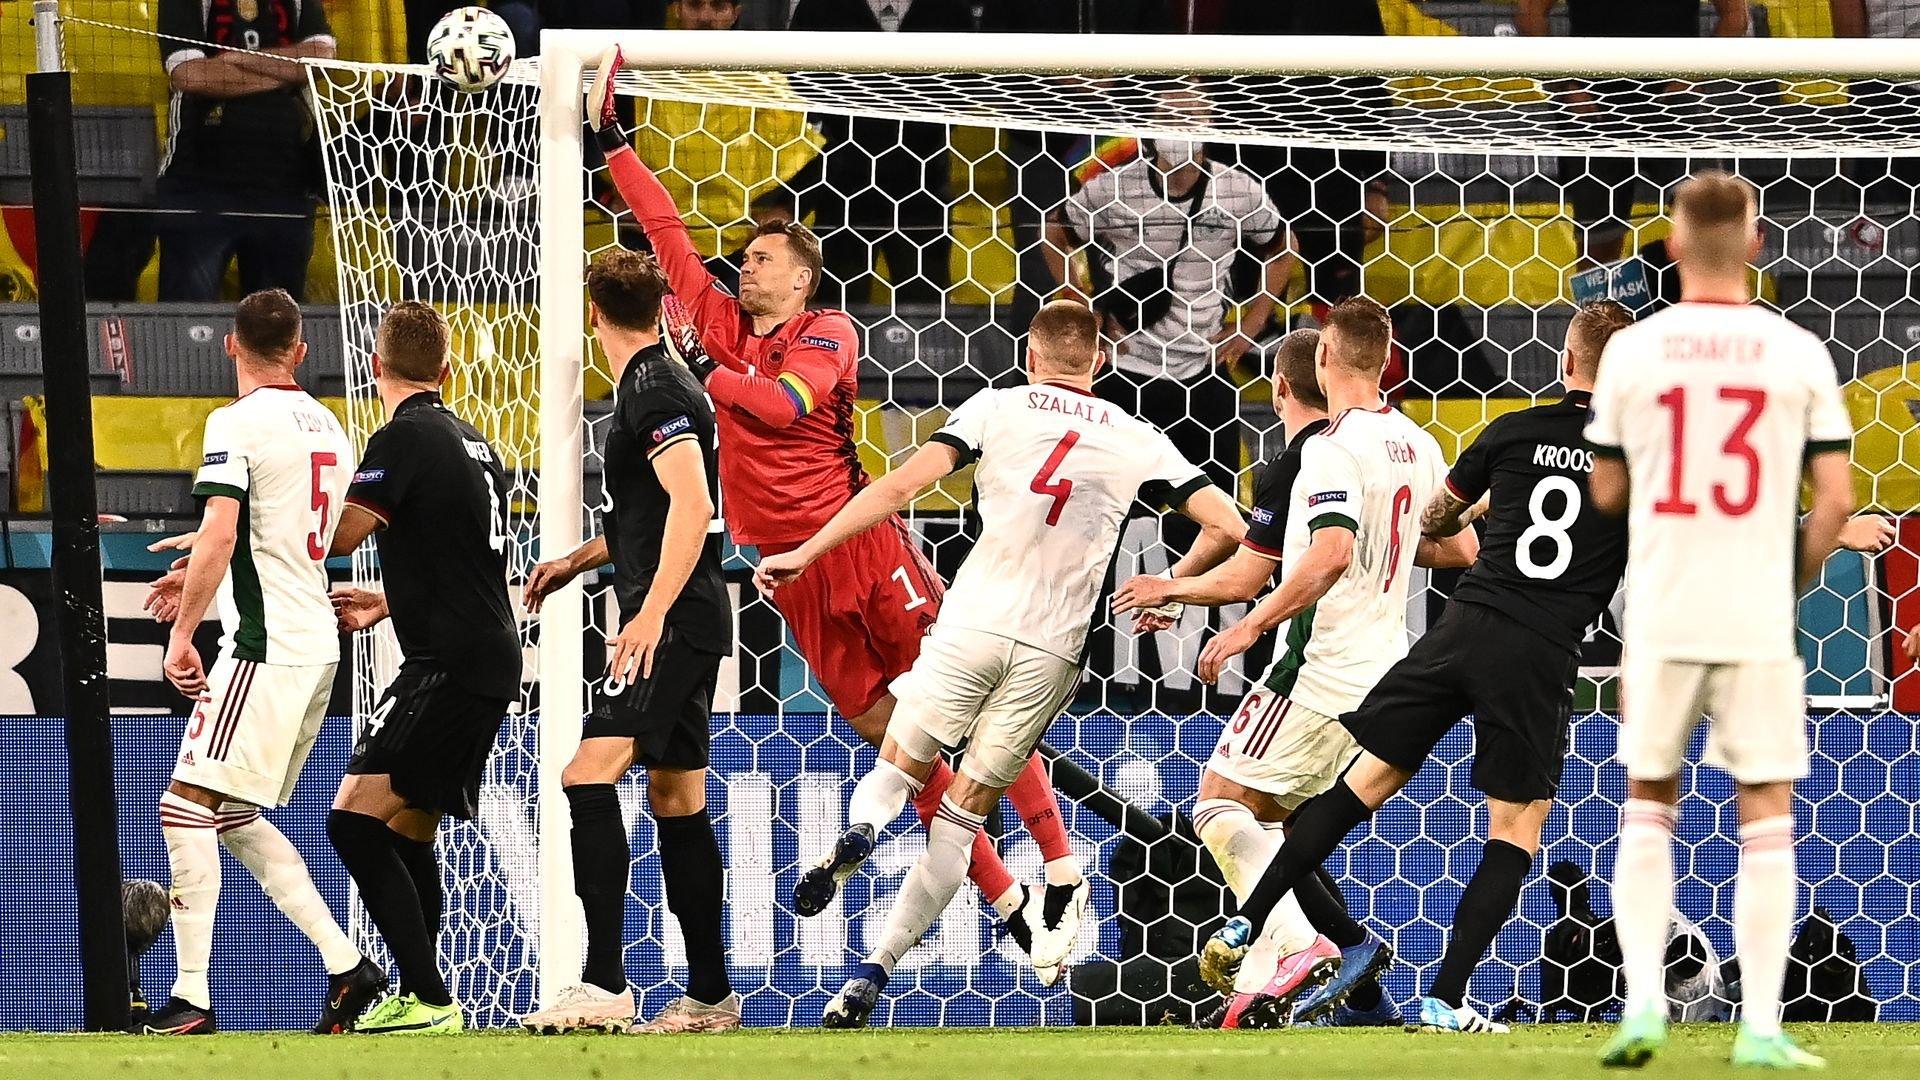 Allemagne 2-2 Hongrie : Les Allemands se qualifient dans la douleur